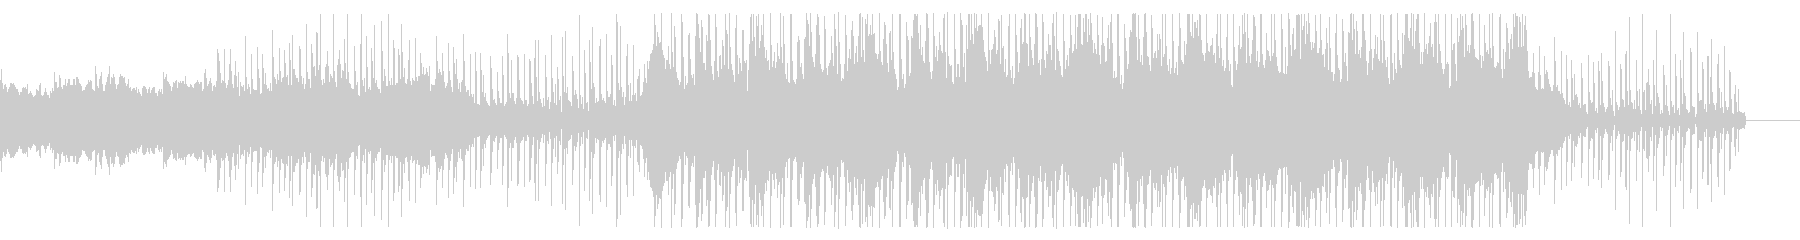 緊張感と落ち着きのあるエレクトロ楽曲の未再生の波形